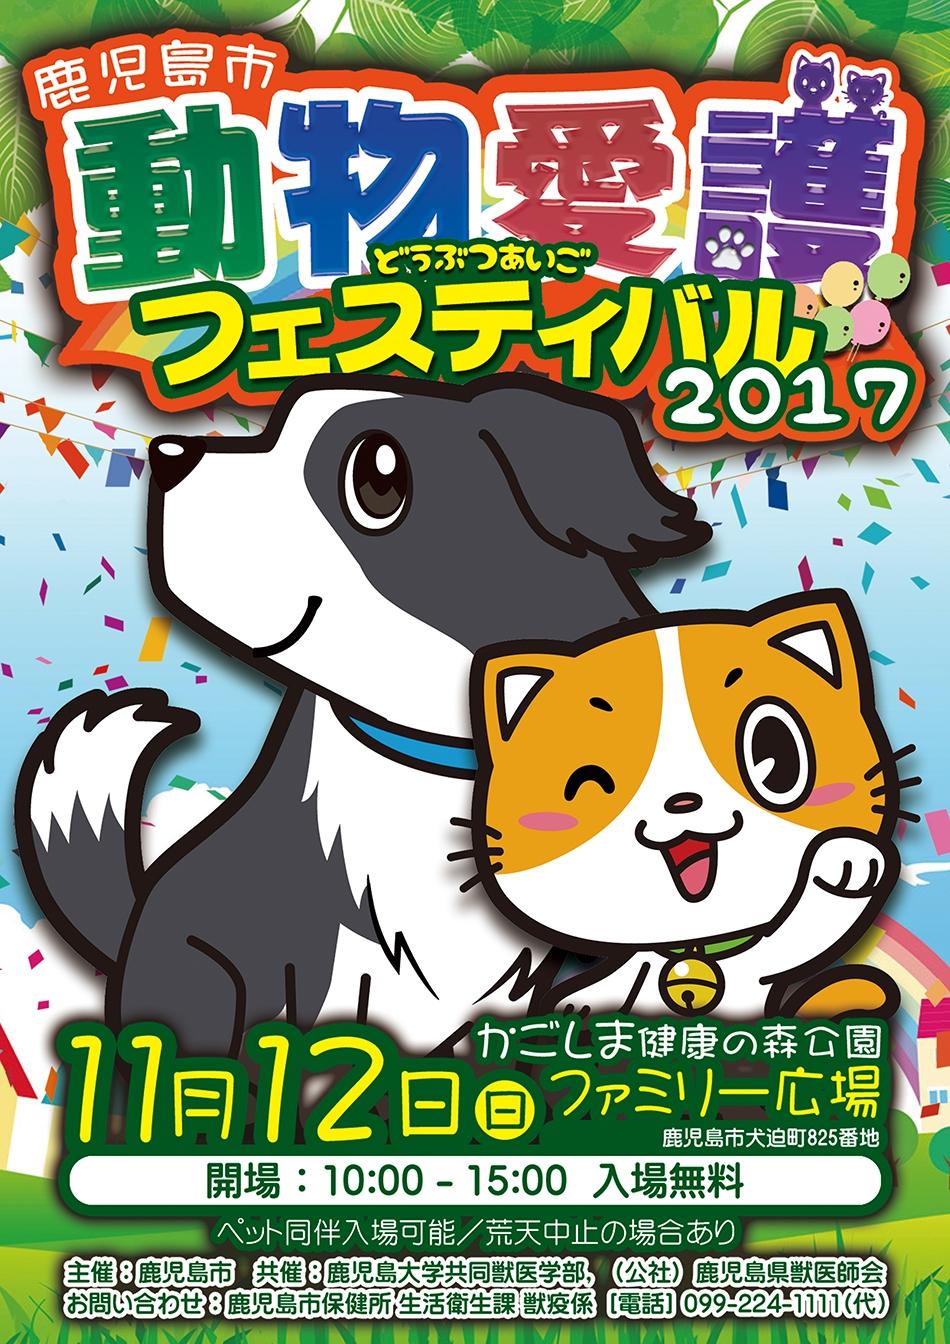 動物愛護フェスティバル2017 ポスター さくらペットクリニック 動物病院 鹿児島市